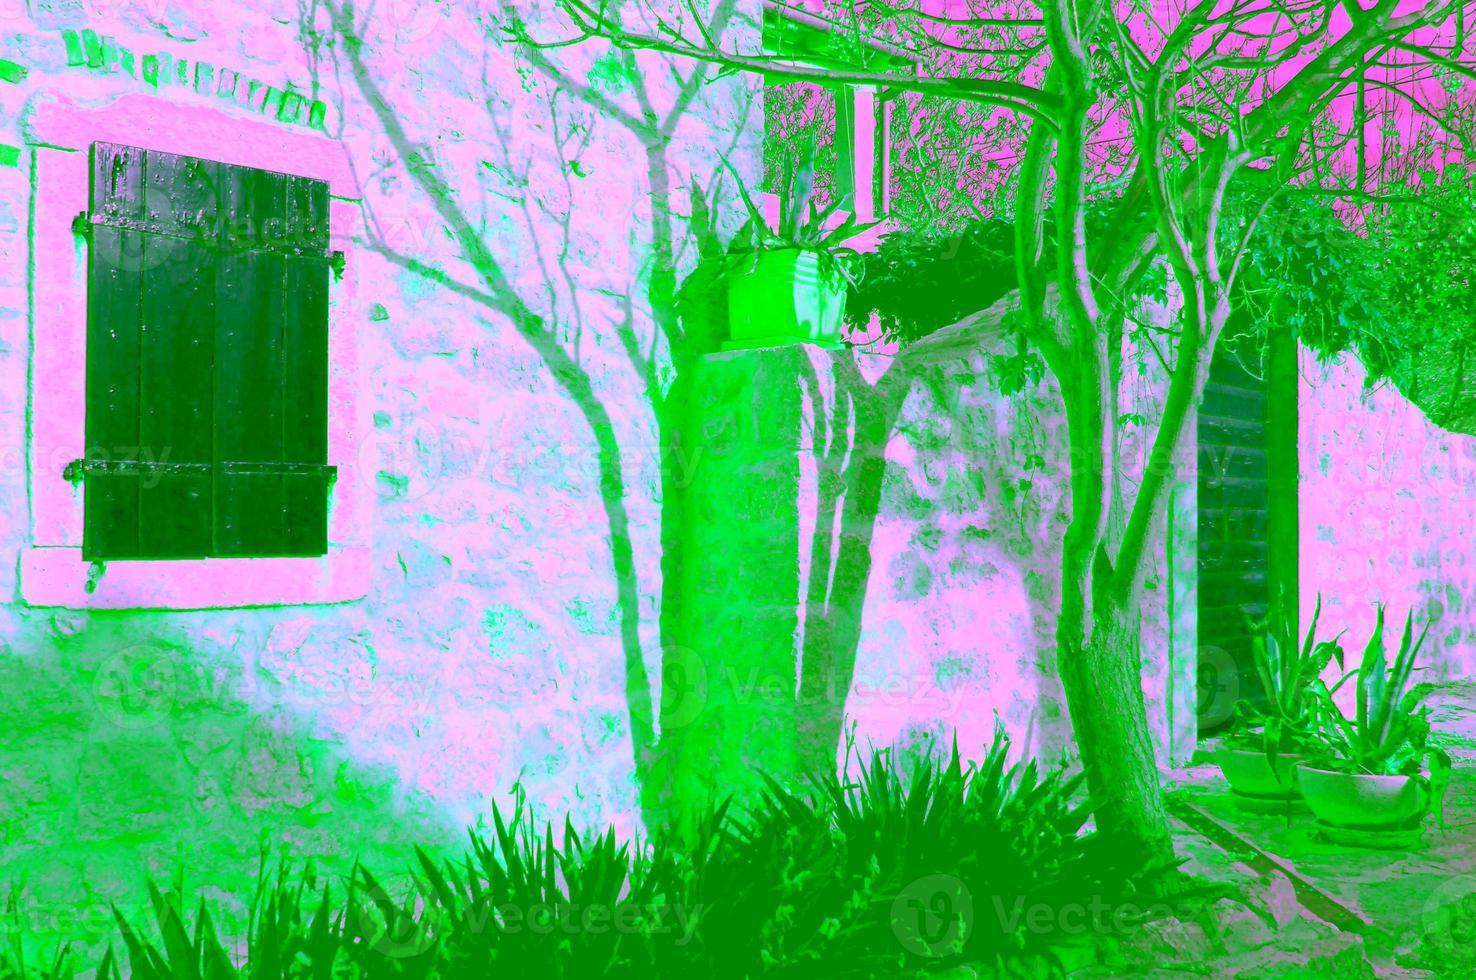 Détail de la façade en pierre dalmate photo